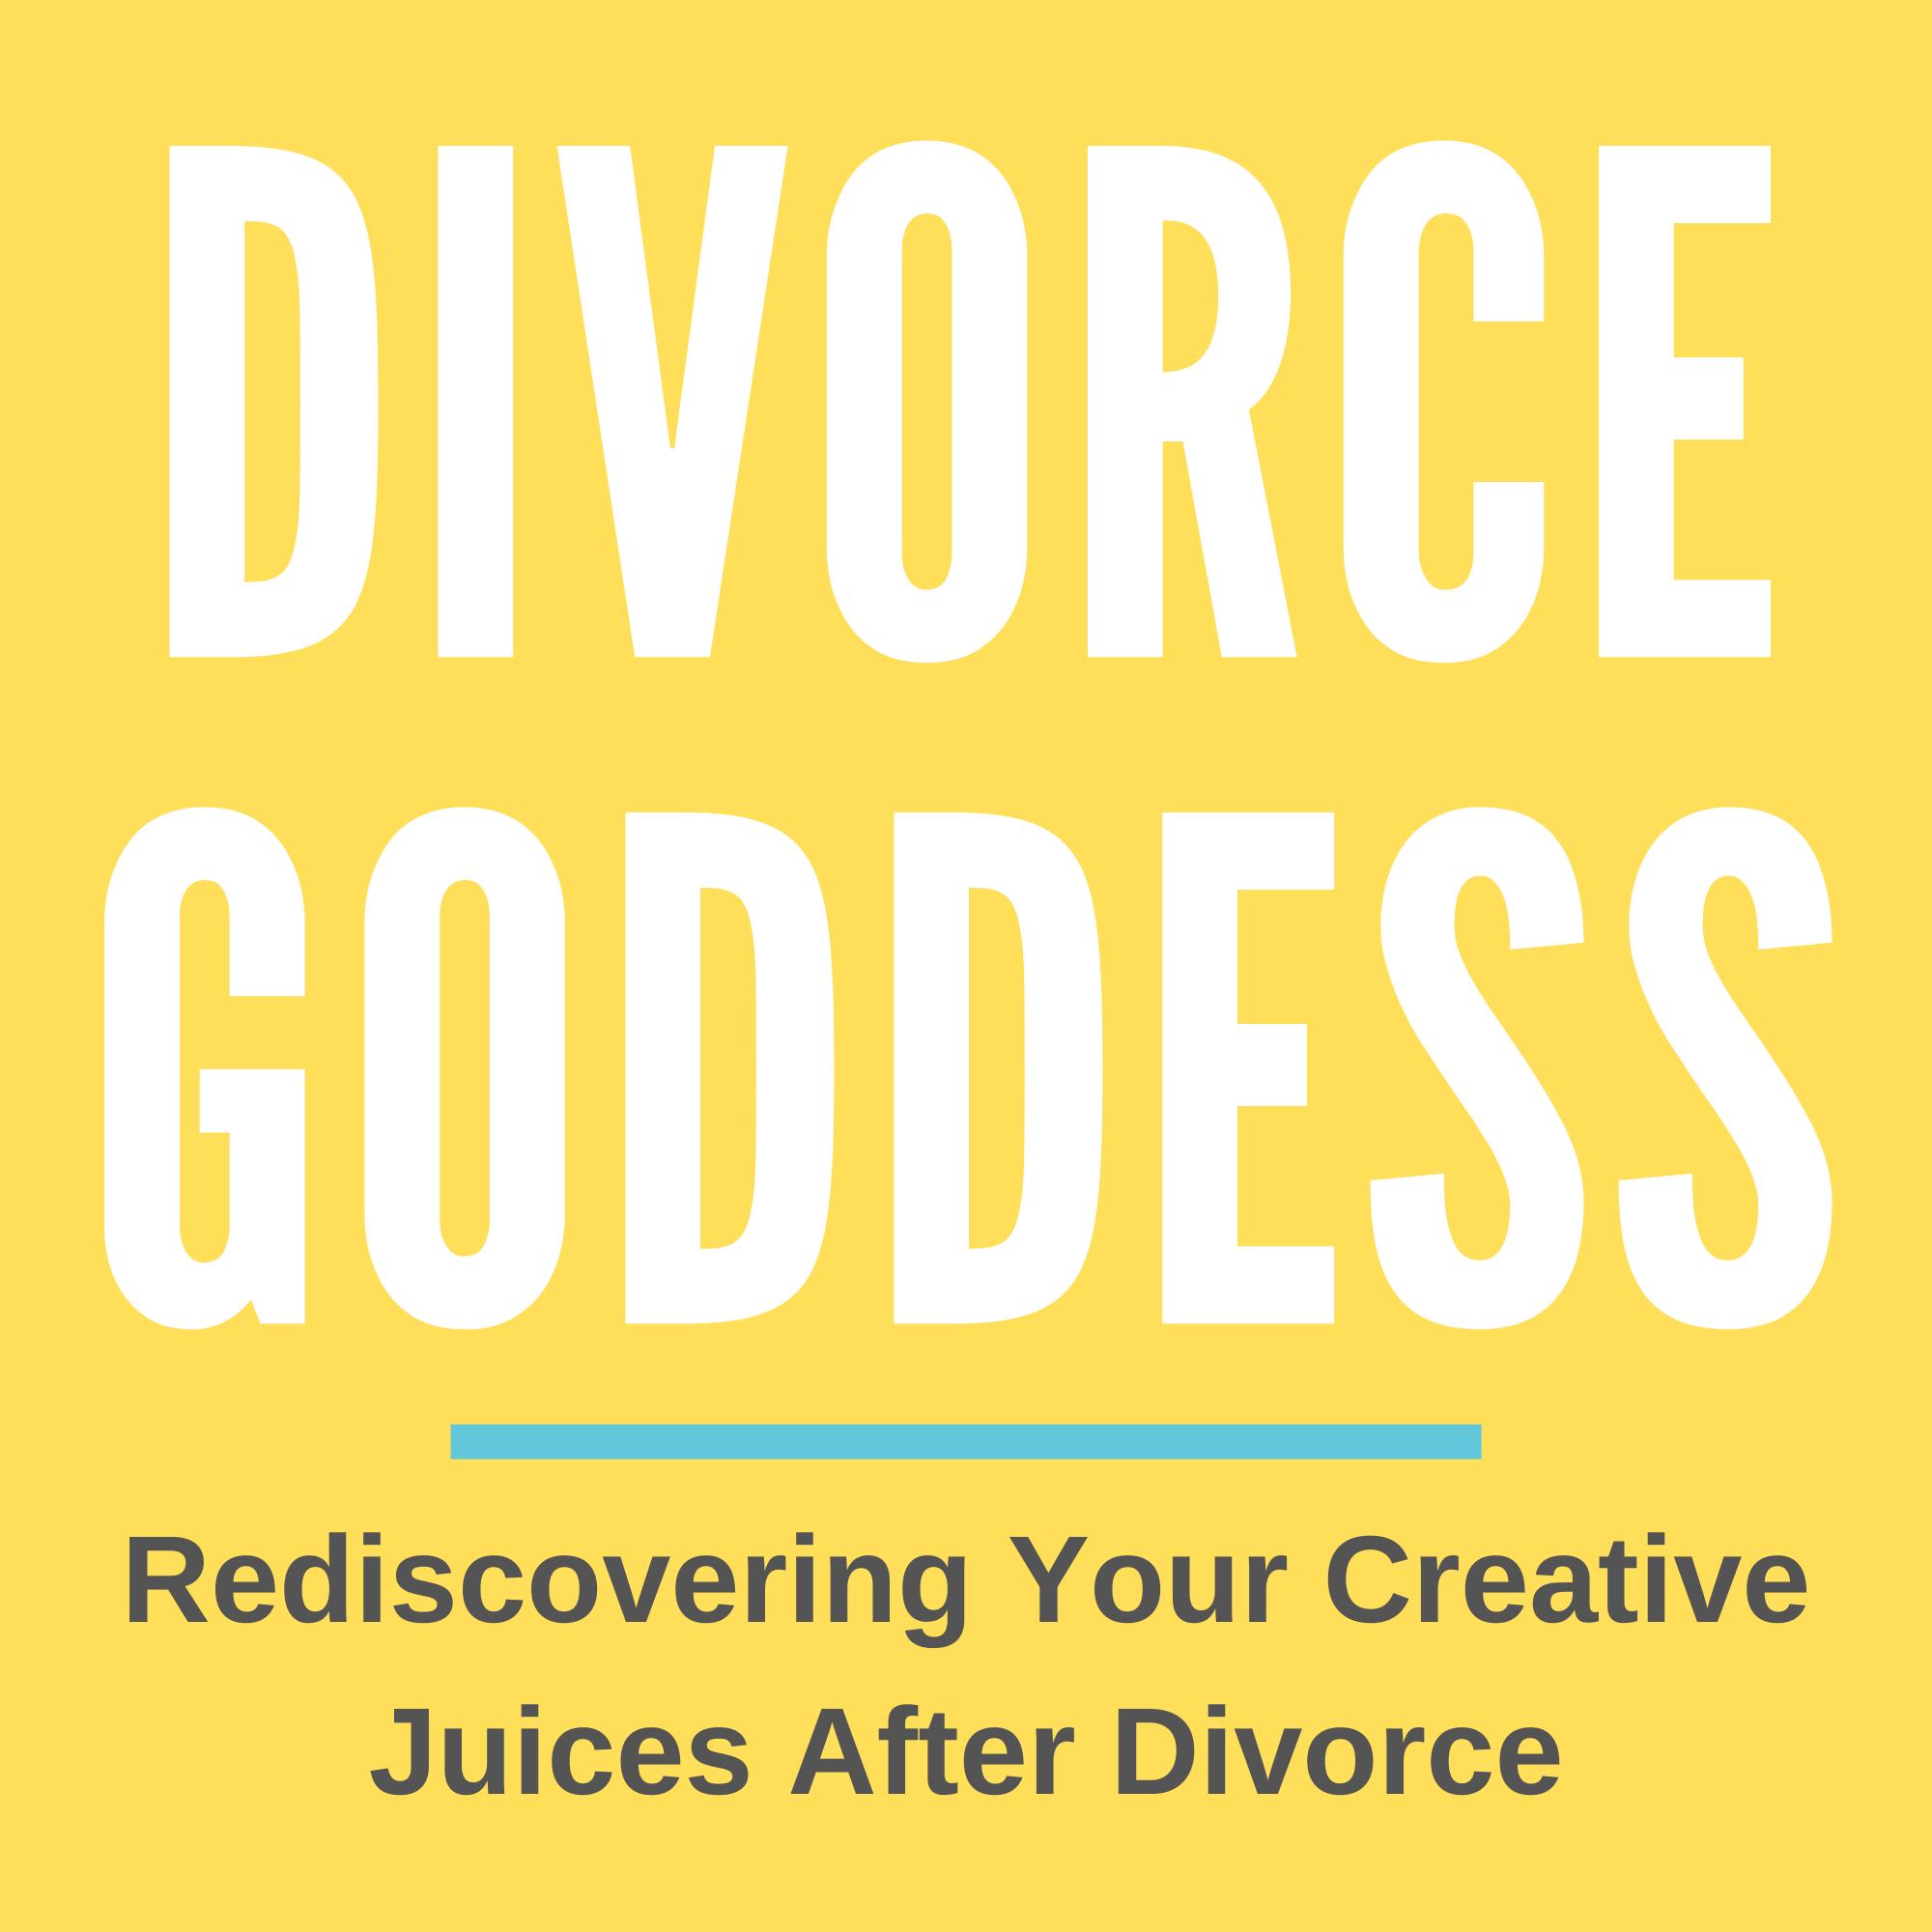 Divorce Goddess Podcast - Rediscovering Your Creative Juices After Divorce